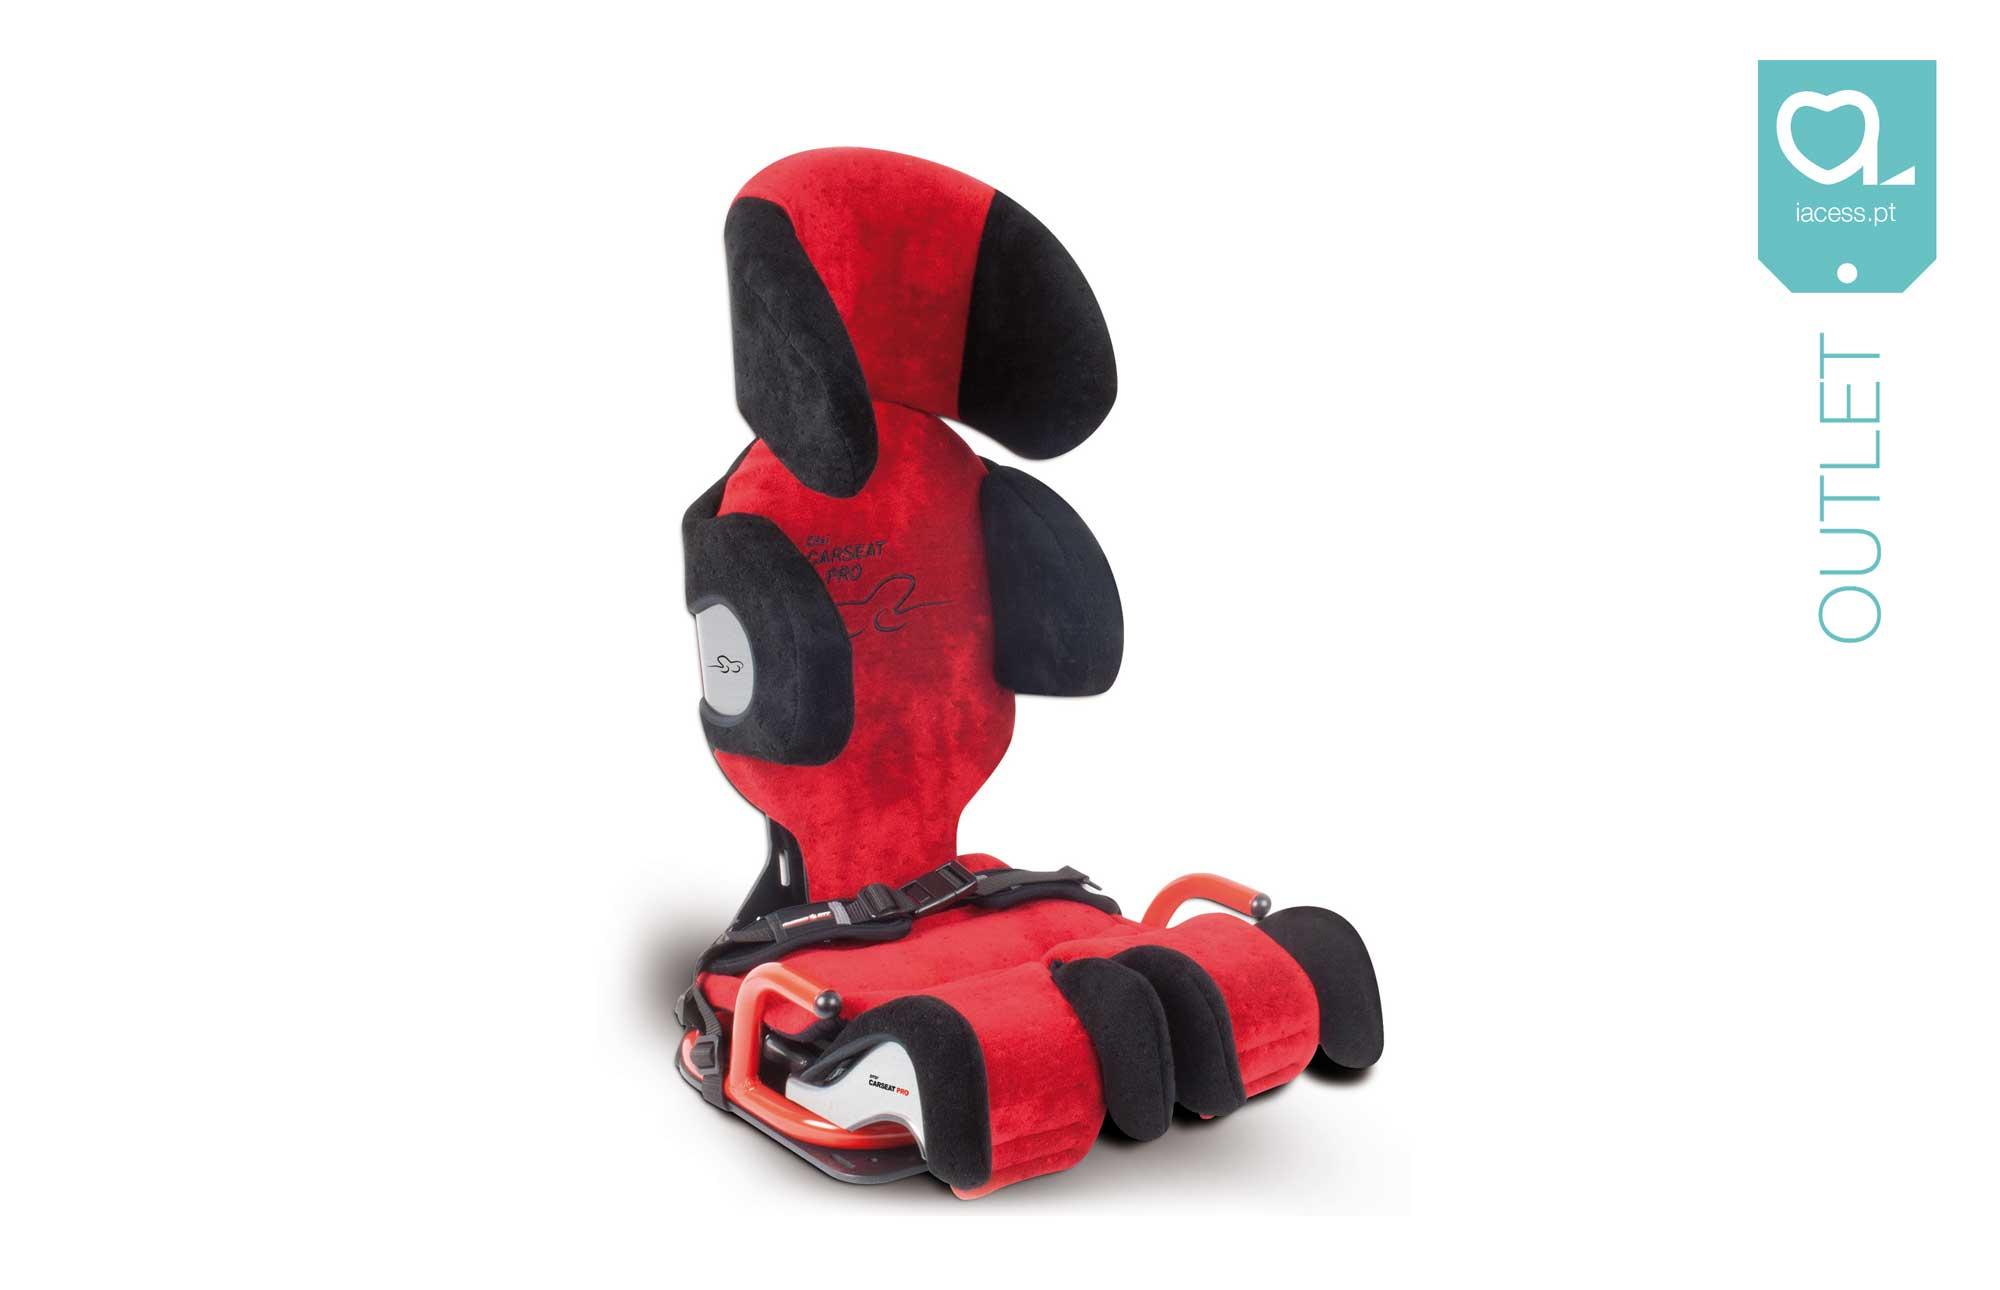 Assento automóvel Carseat Mini 2 vermelho um equipamento para crianças com necessidades especiais, com apoio de cabeça envolvente e homologada para transporte